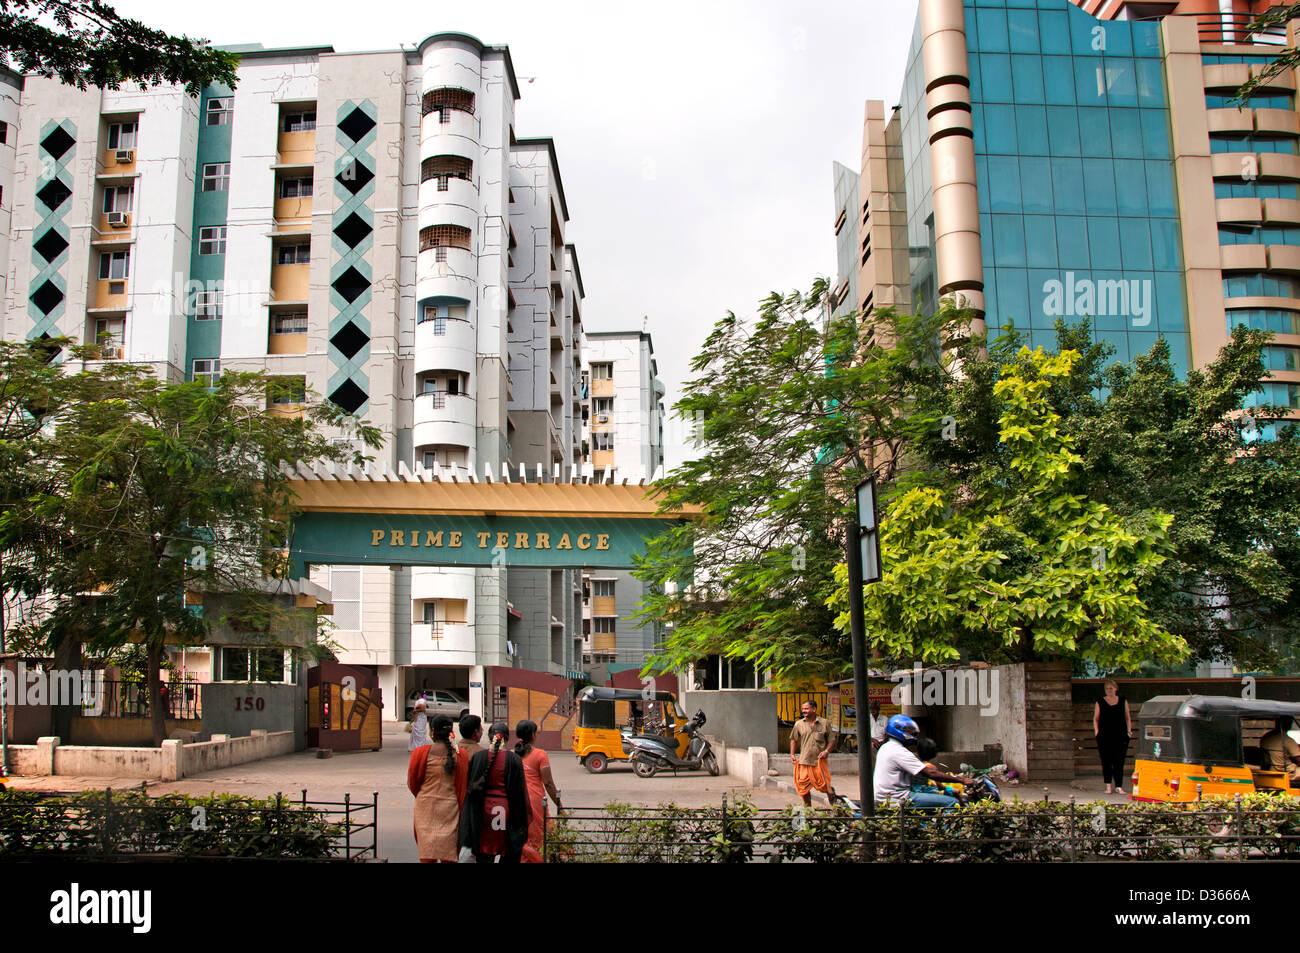 Premier Terrasse Thiruvanmiyur Chennai architecture appartements modernes ( Madras ) l'Inde Tamil Nadu Photo Stock